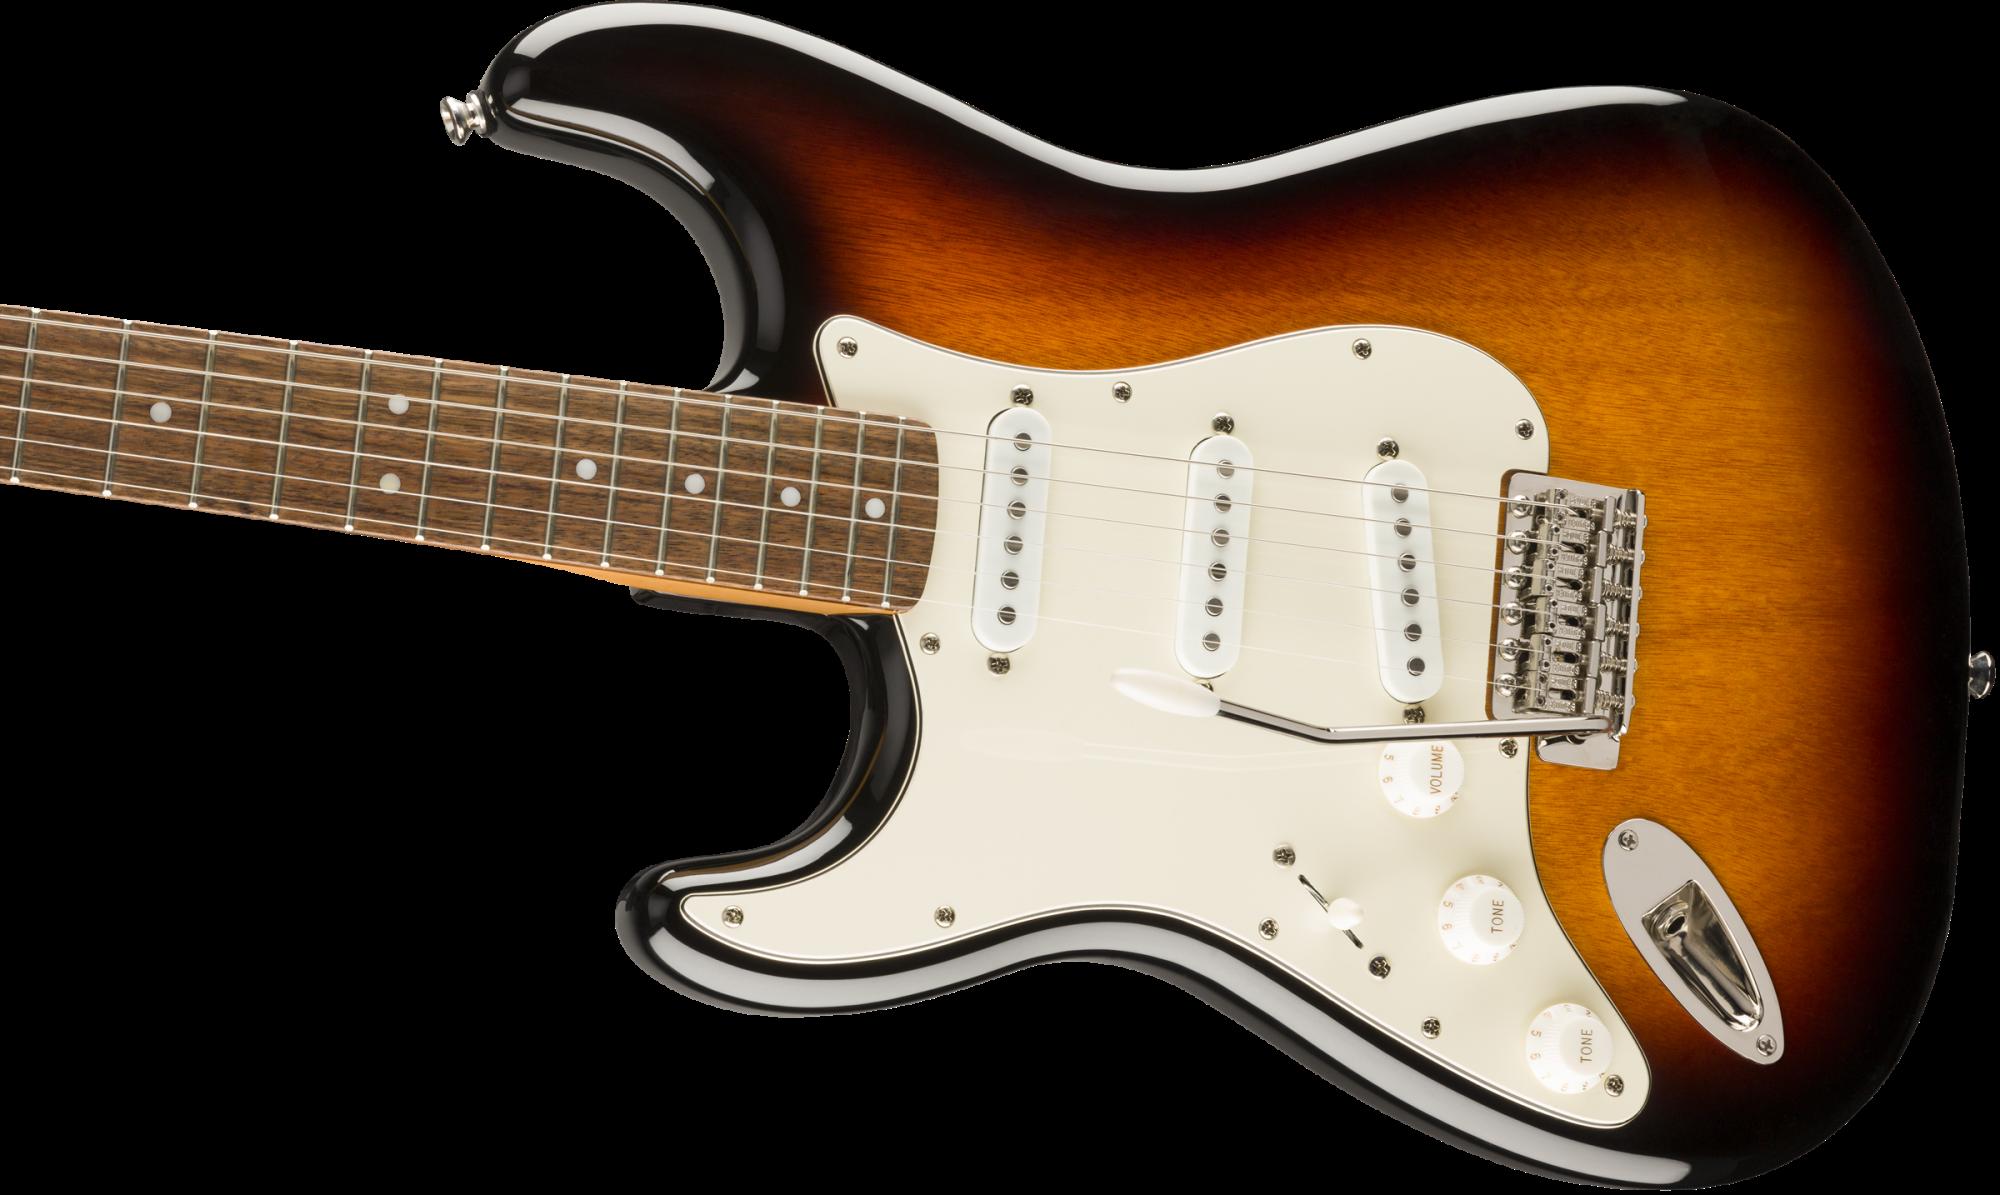 Fender Classic Vibe '60s Stratocaster Left-Handed, Laurel Fingerboard, 3-Color Sunburst